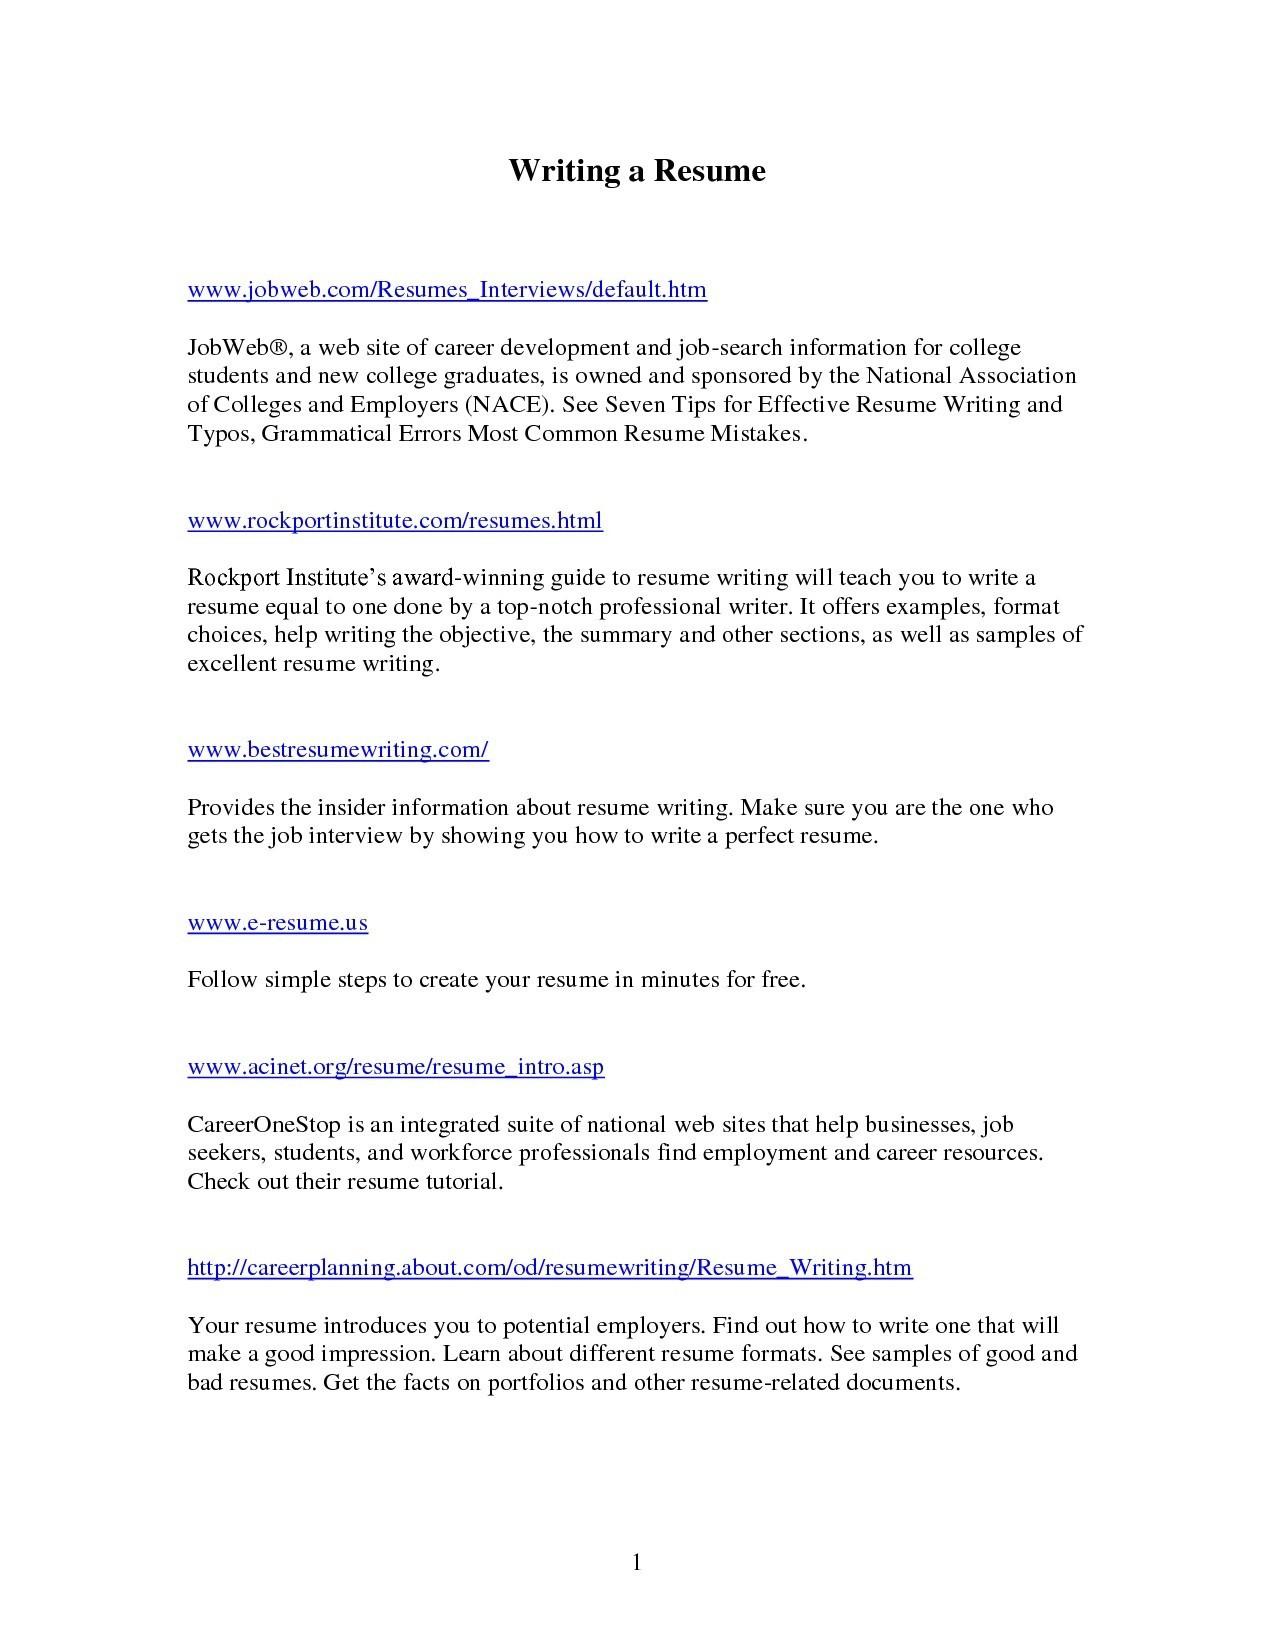 Fake Job Offer Letter Template - Job Fer Letter Template Fresh Job Fer Negotiation Letter Sample